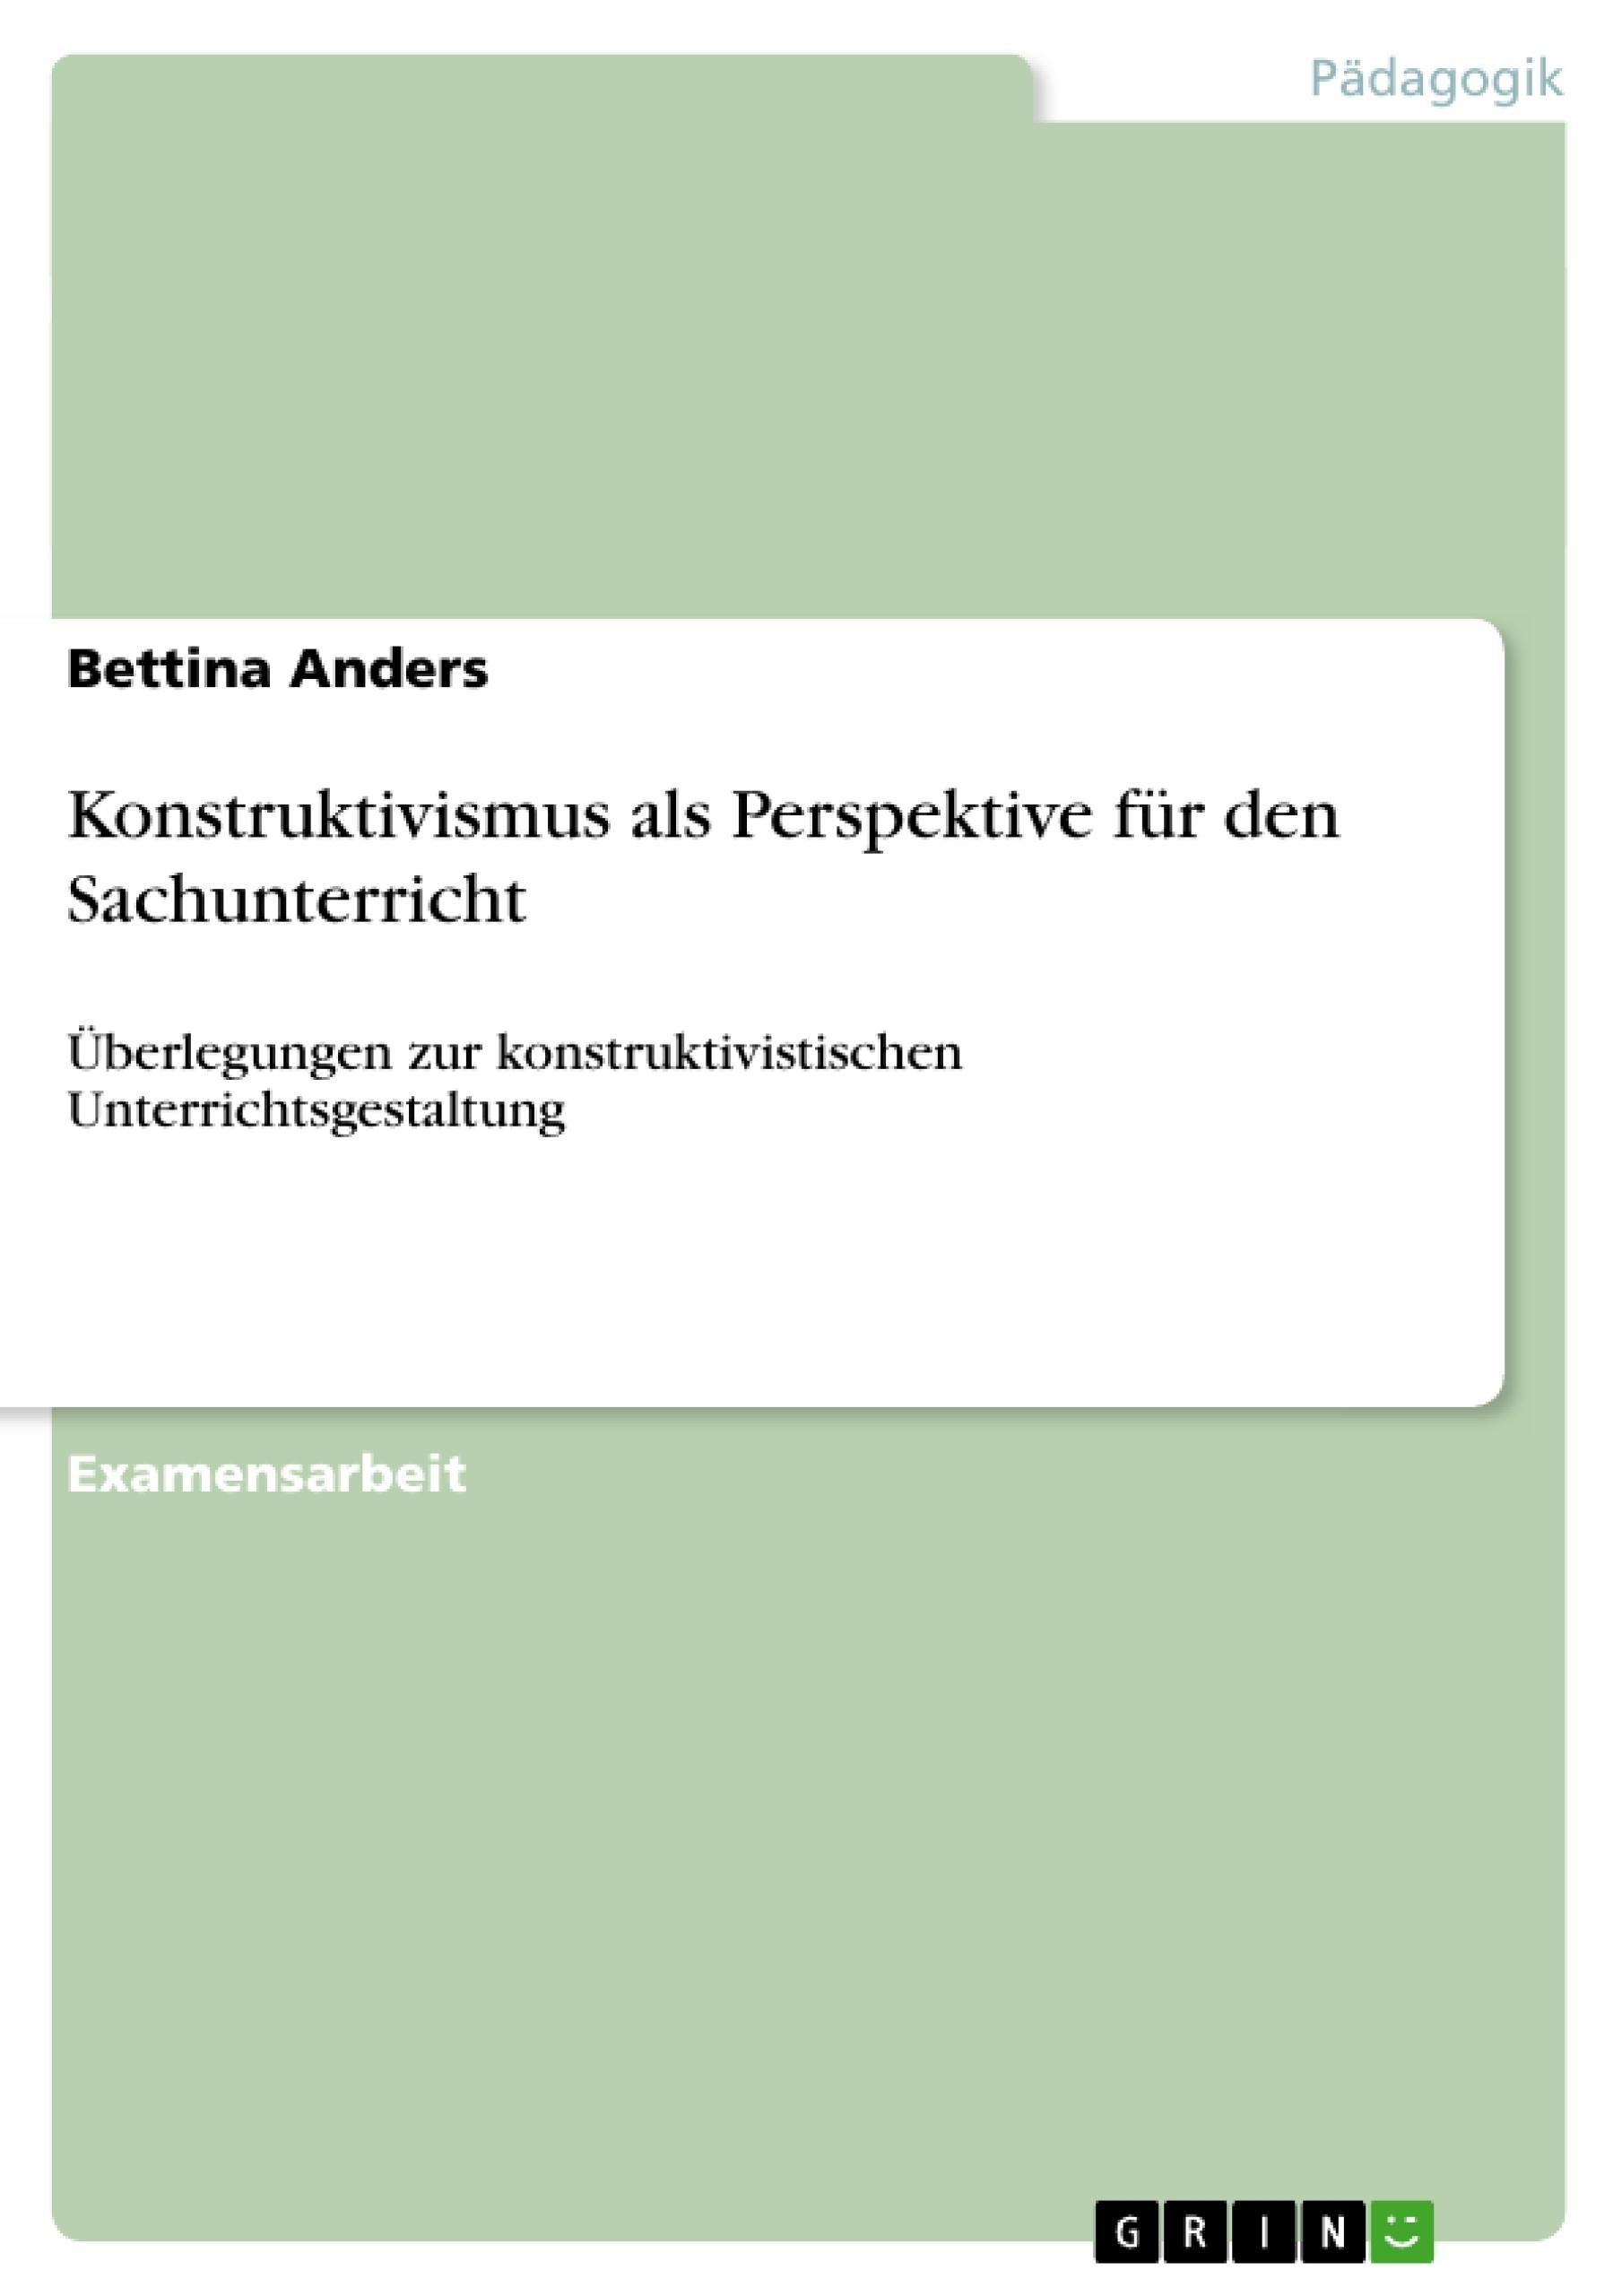 Titel: Konstruktivismus als Perspektive für den Sachunterricht